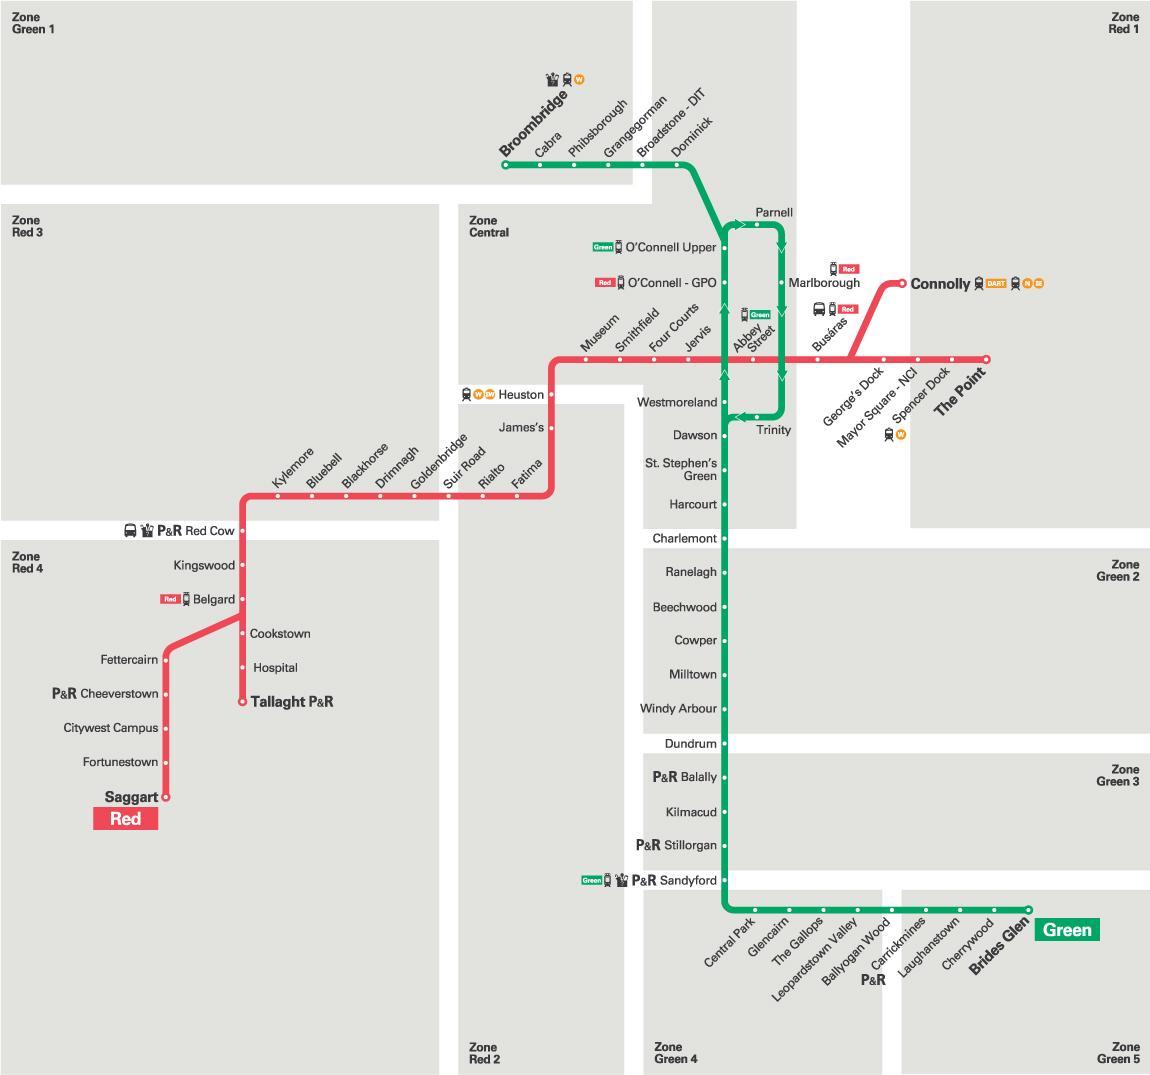 map of luas green line. luas green line map  map of luas green line (ireland)